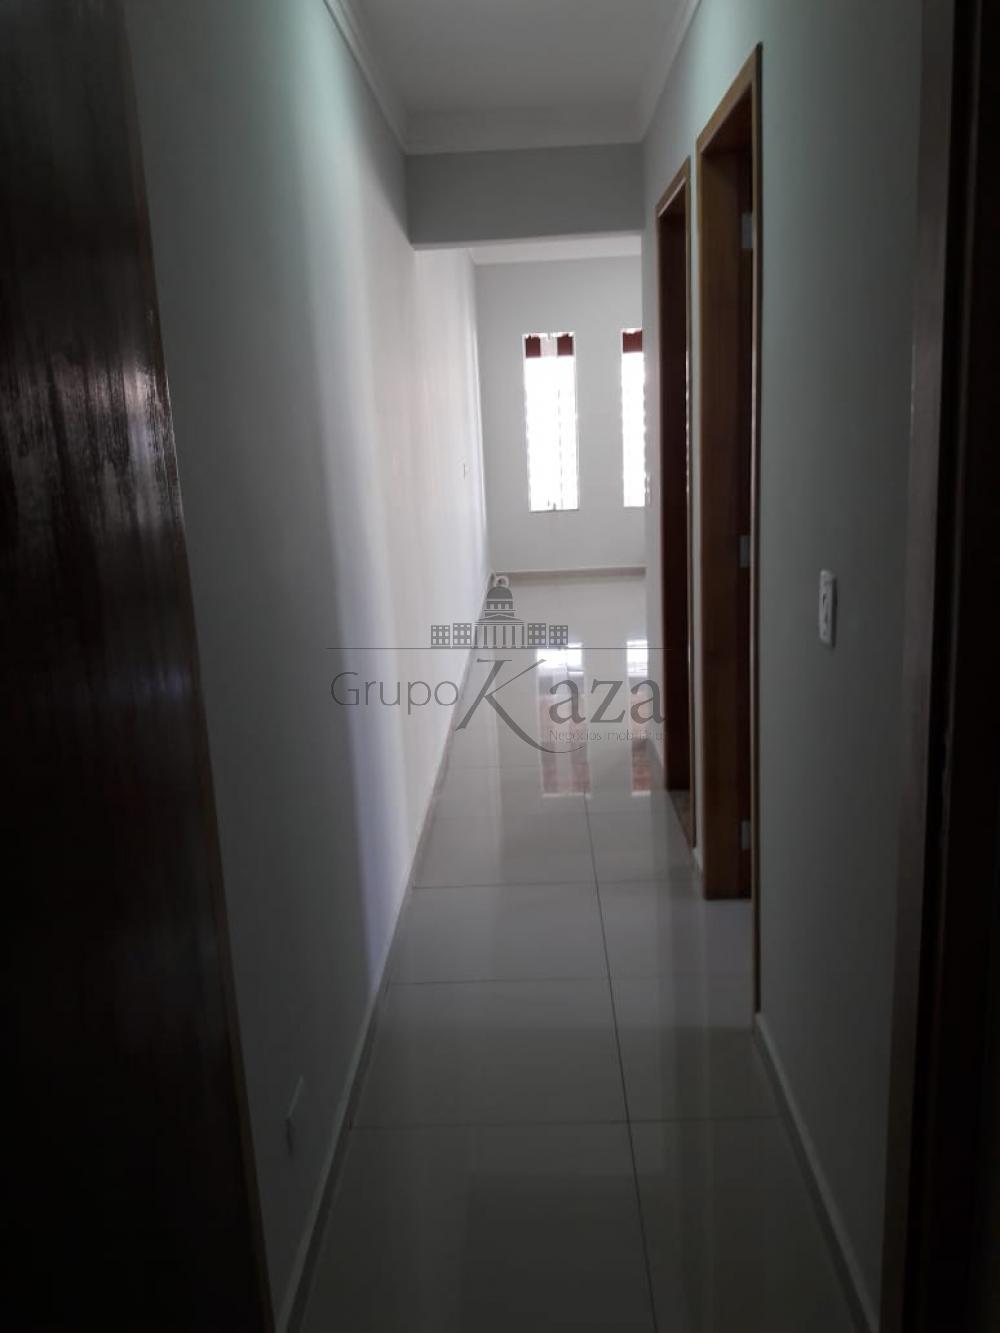 Comprar Casa / Padrão em São José dos Campos apenas R$ 270.000,00 - Foto 12